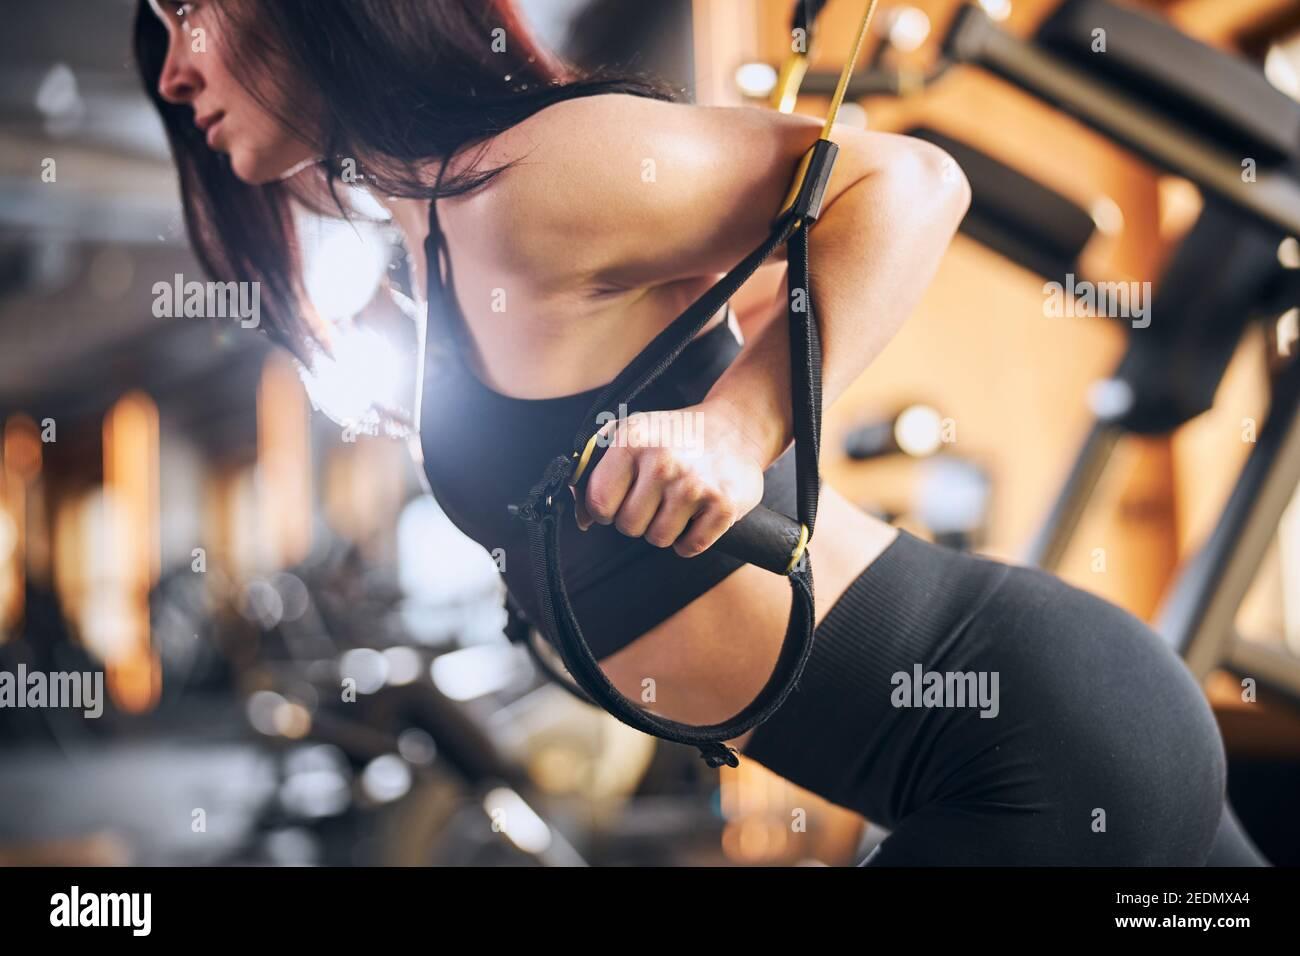 Mujer joven atlética haciendo ejercicio con correas de fitness Foto de stock